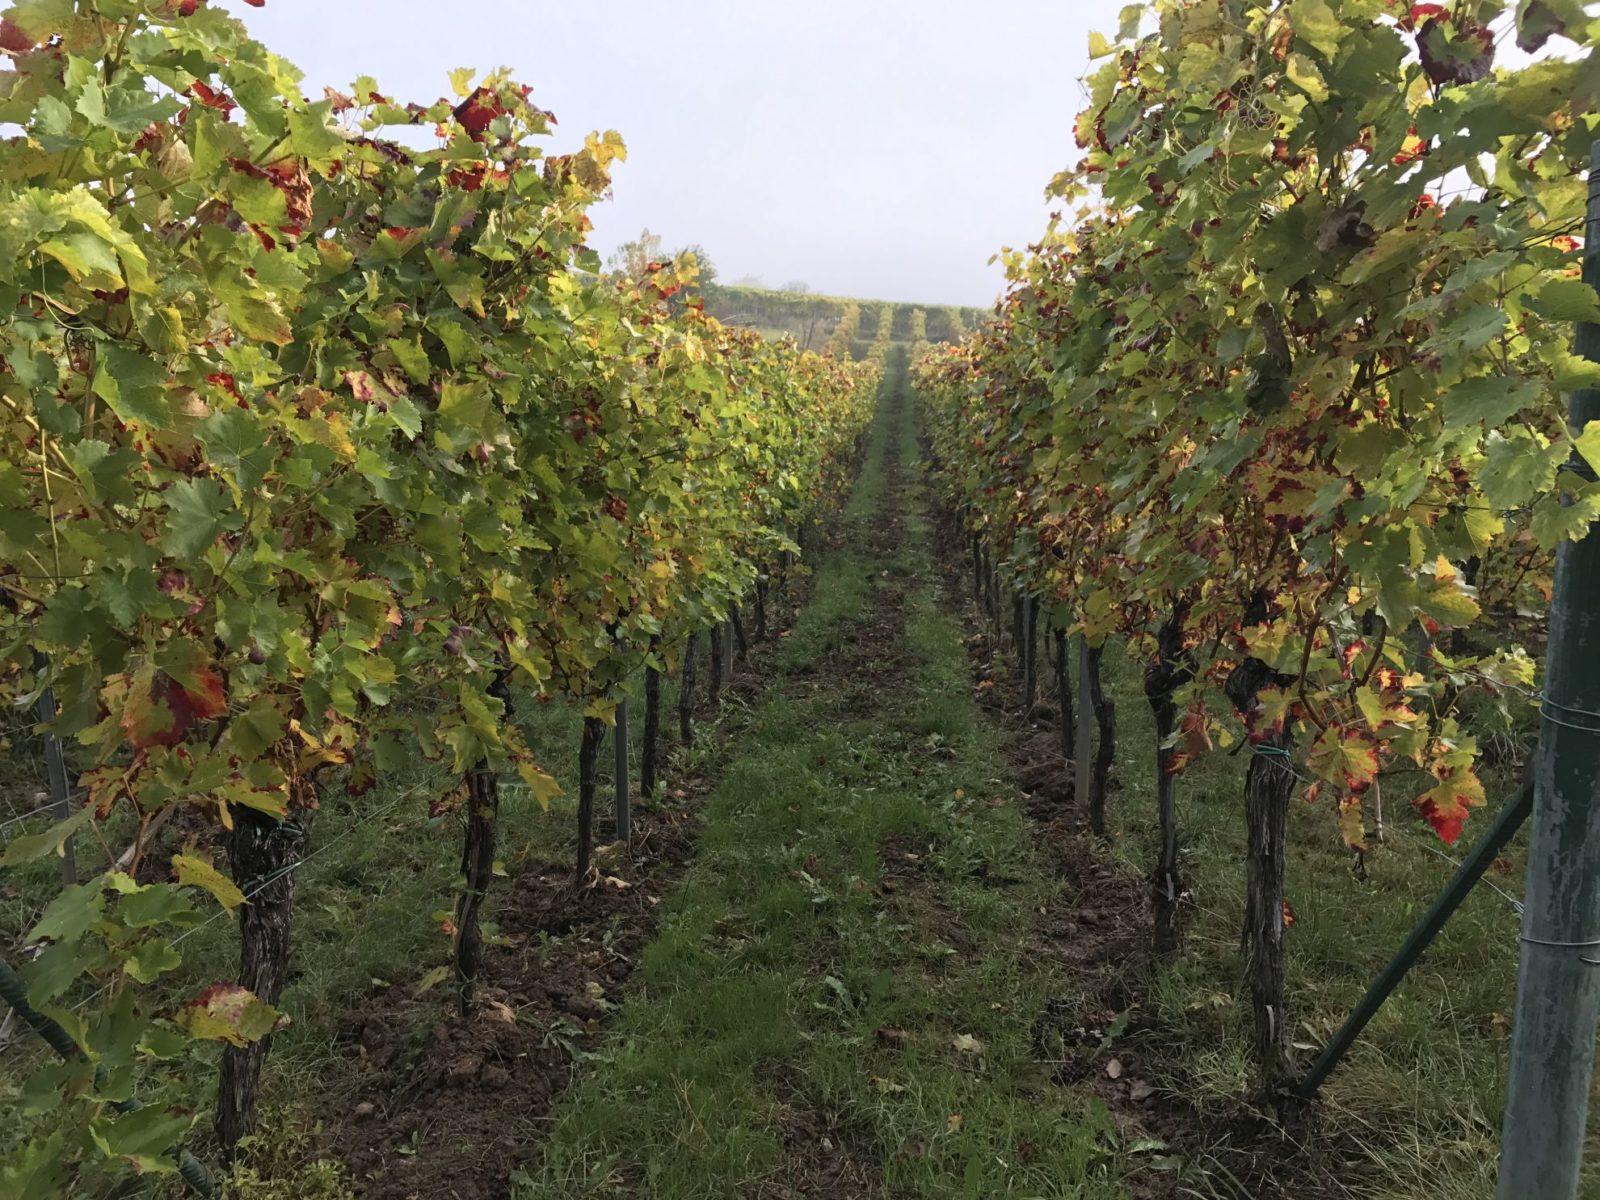 Weinberge entlang des Keschdewegs in der Pfalz